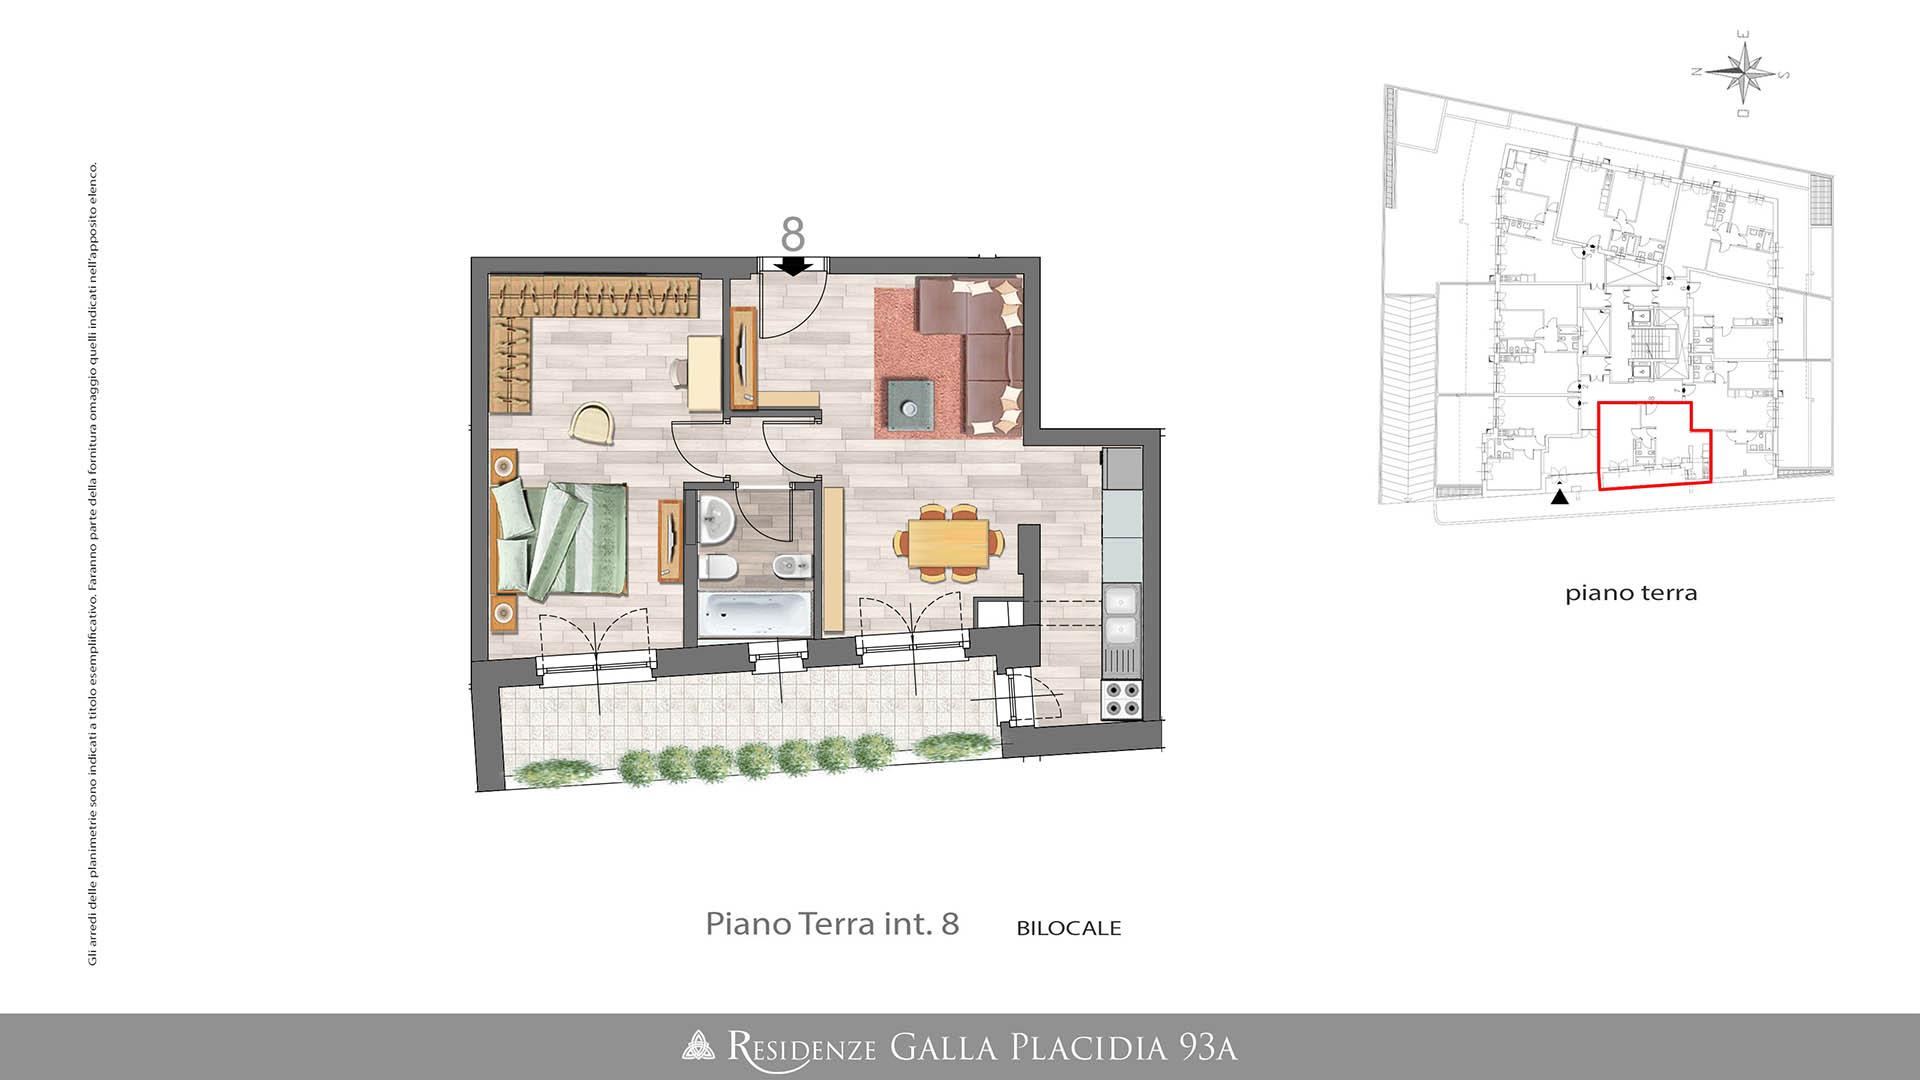 Casa 60 Mq Pianta vendita appartamento bilocale piano terra – 60mq commerciali